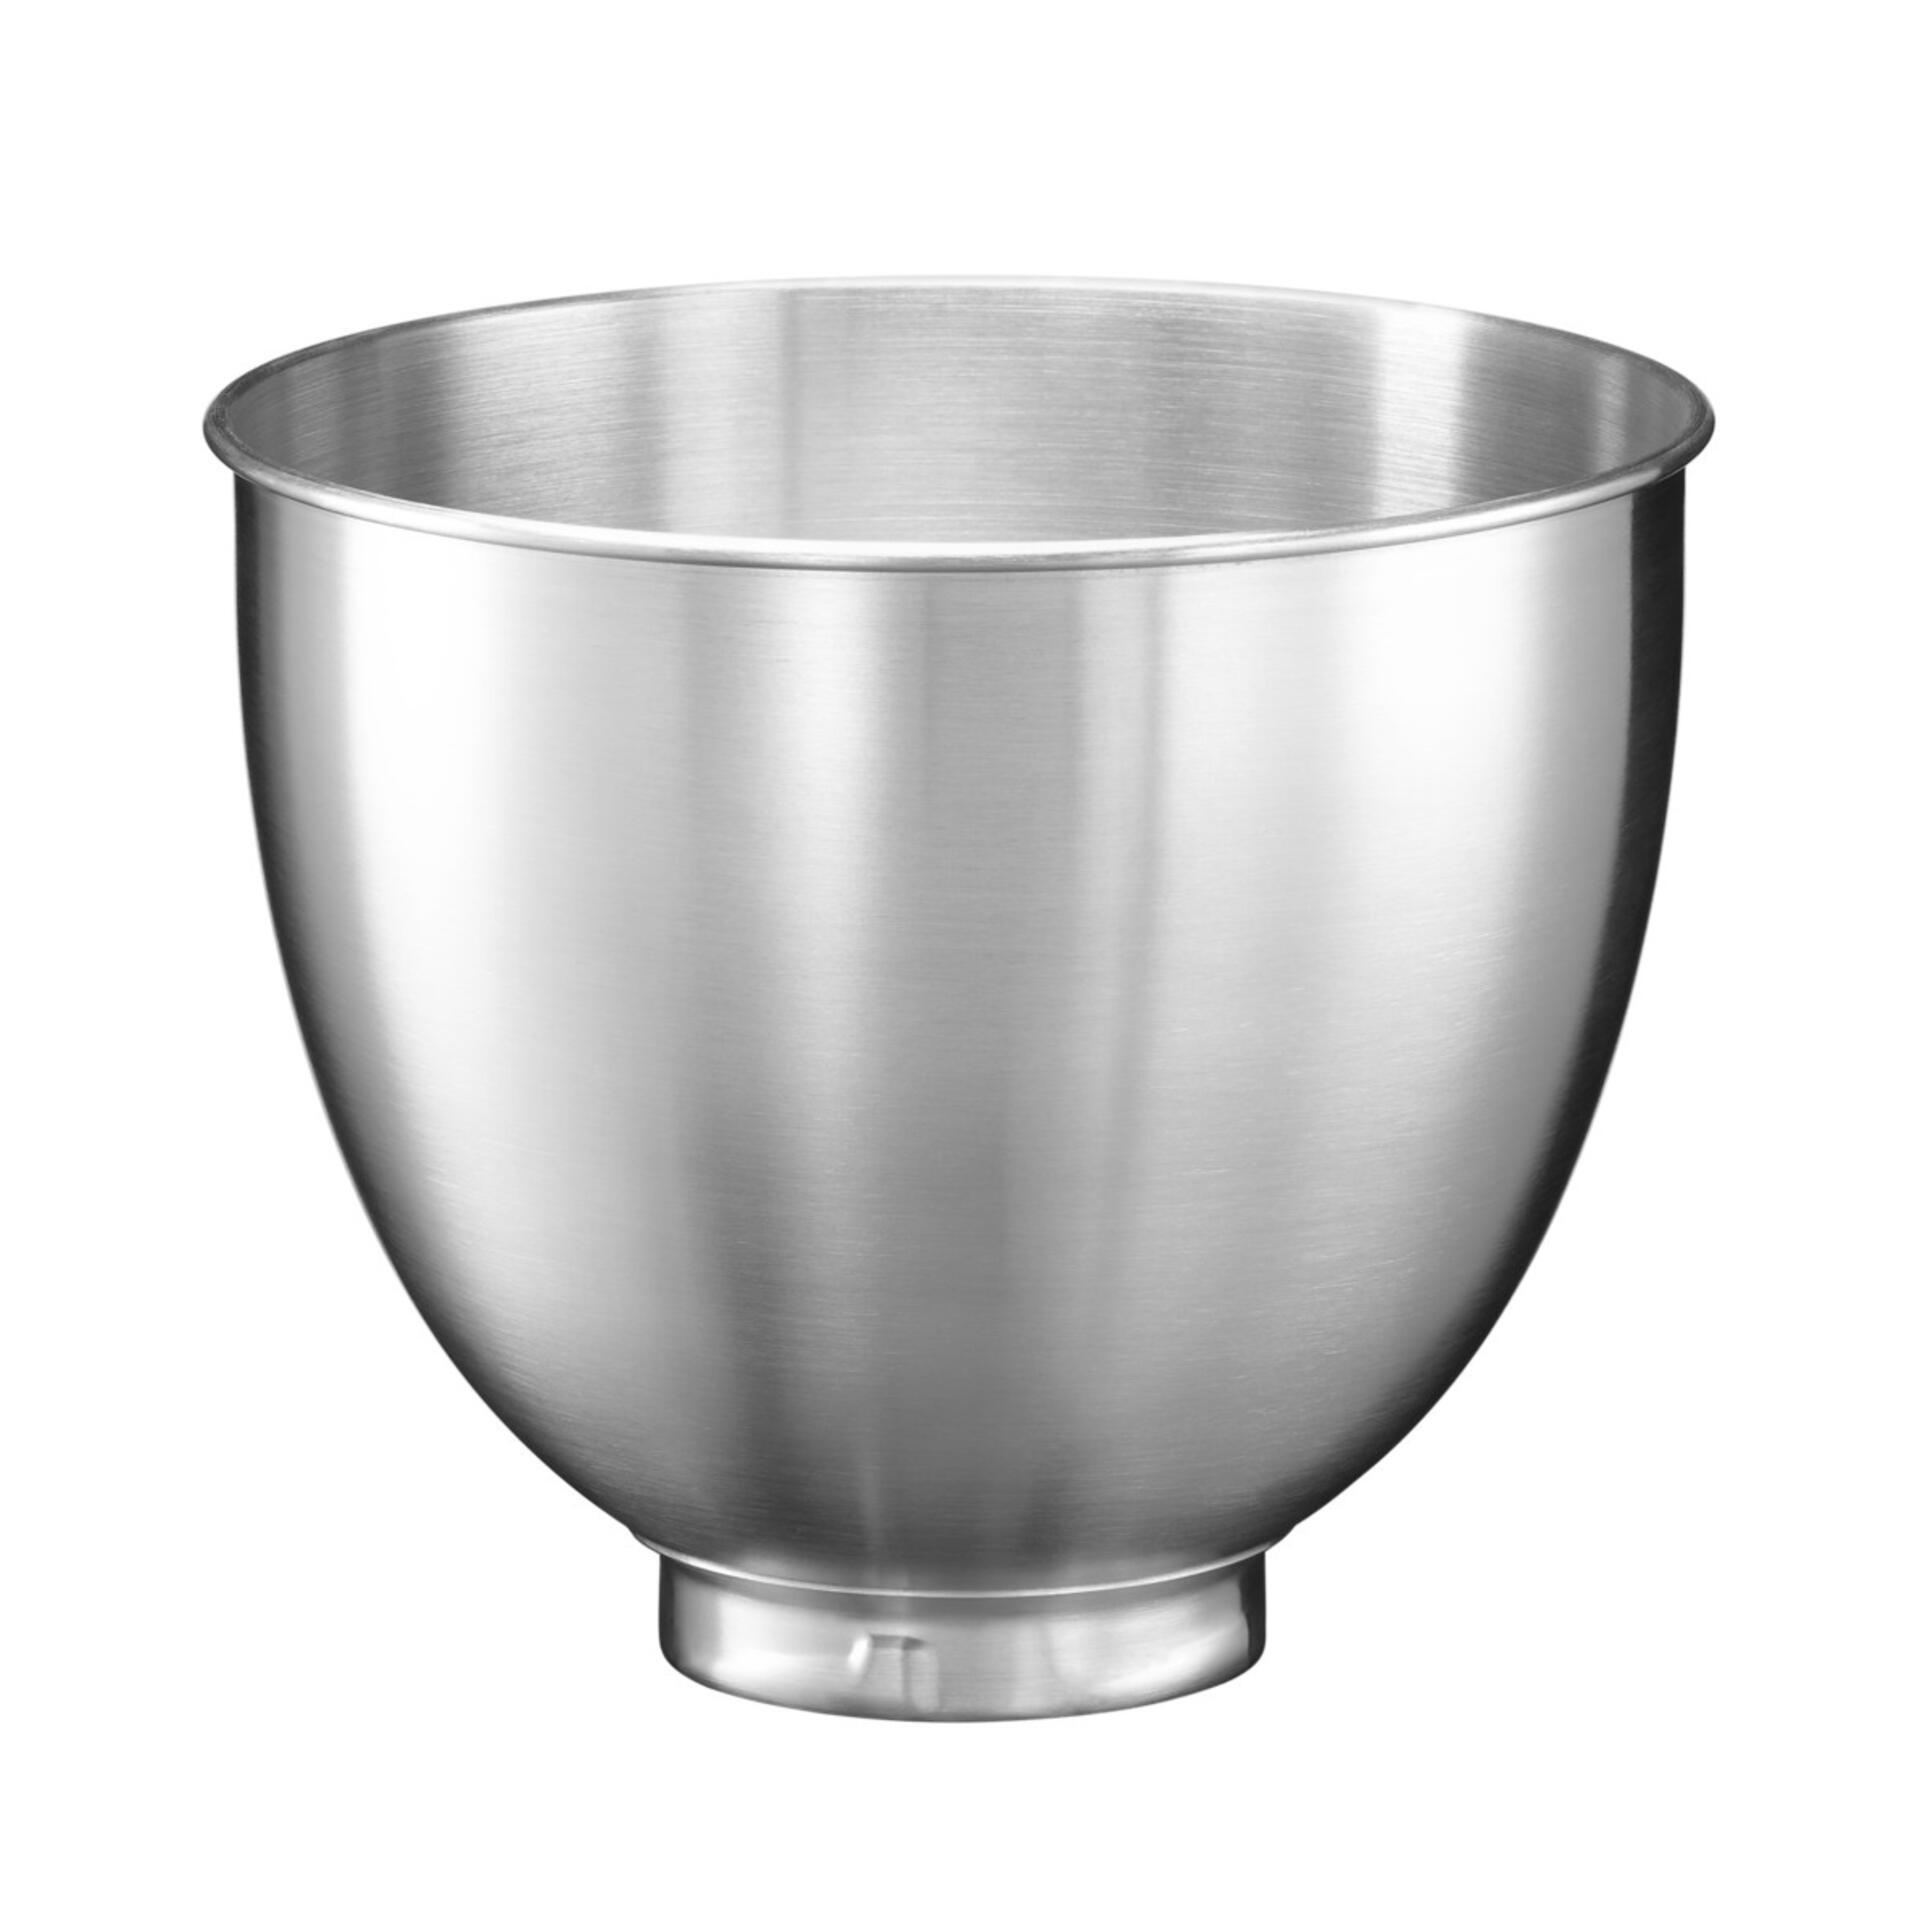 KitchenAid Schüssel 3,3 Liter gebürsteter Edelstahl ohne Griff 5KSM35SSB